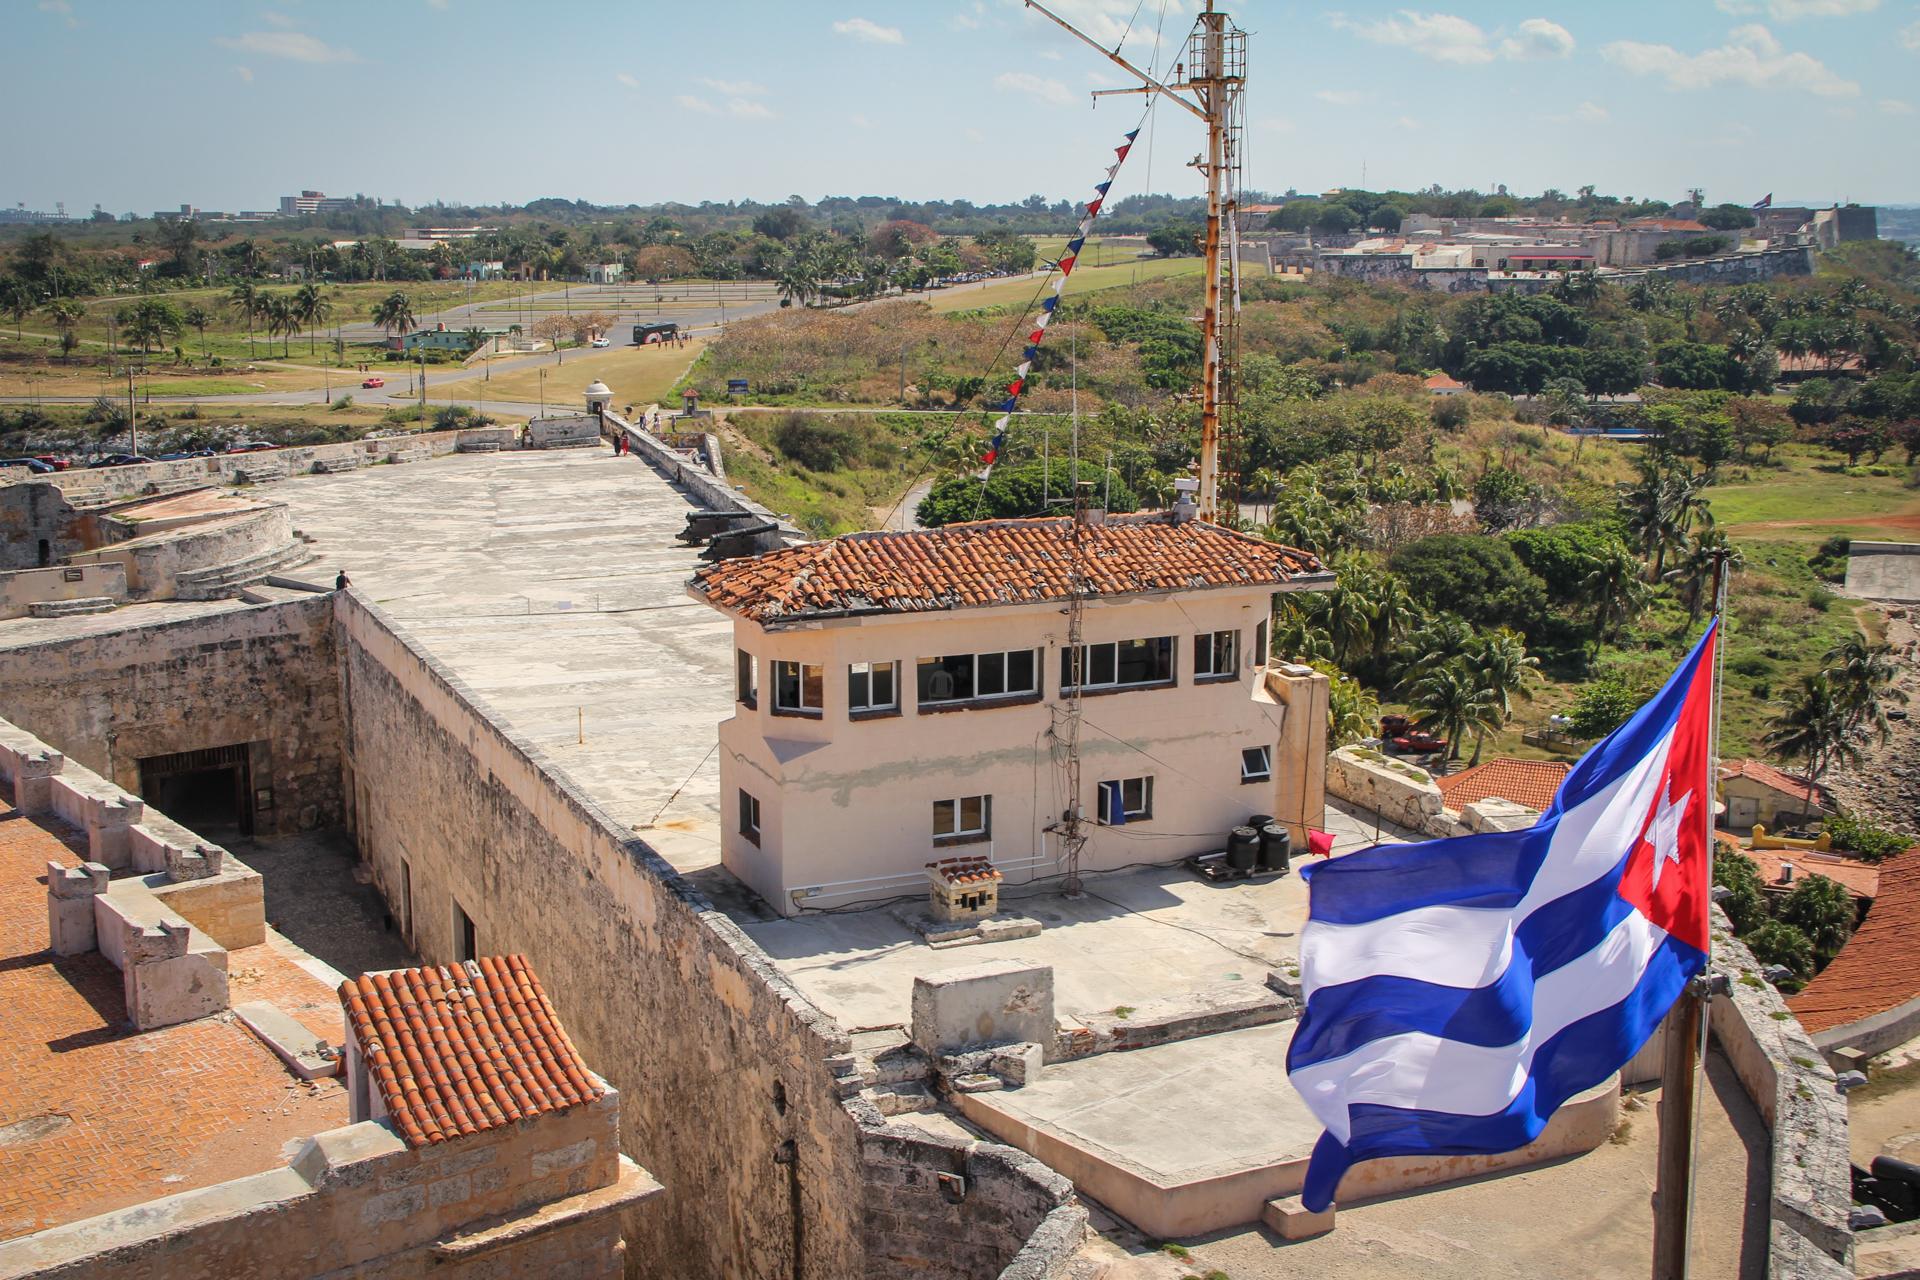 Kuba-217